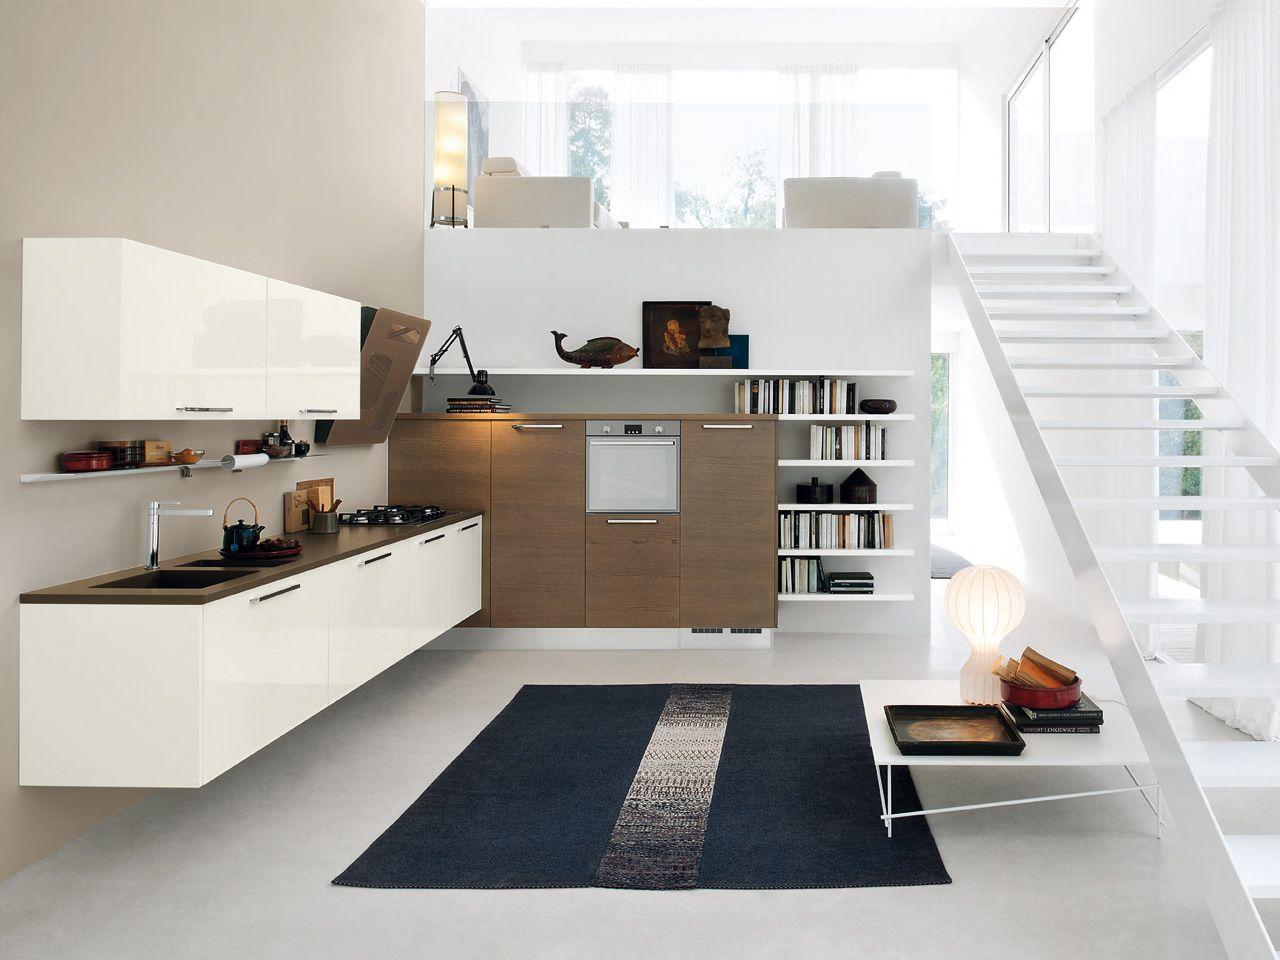 Pamela - Kitchens - Cucine Lube | Cucine Lube | Pinterest | Kitchens ...